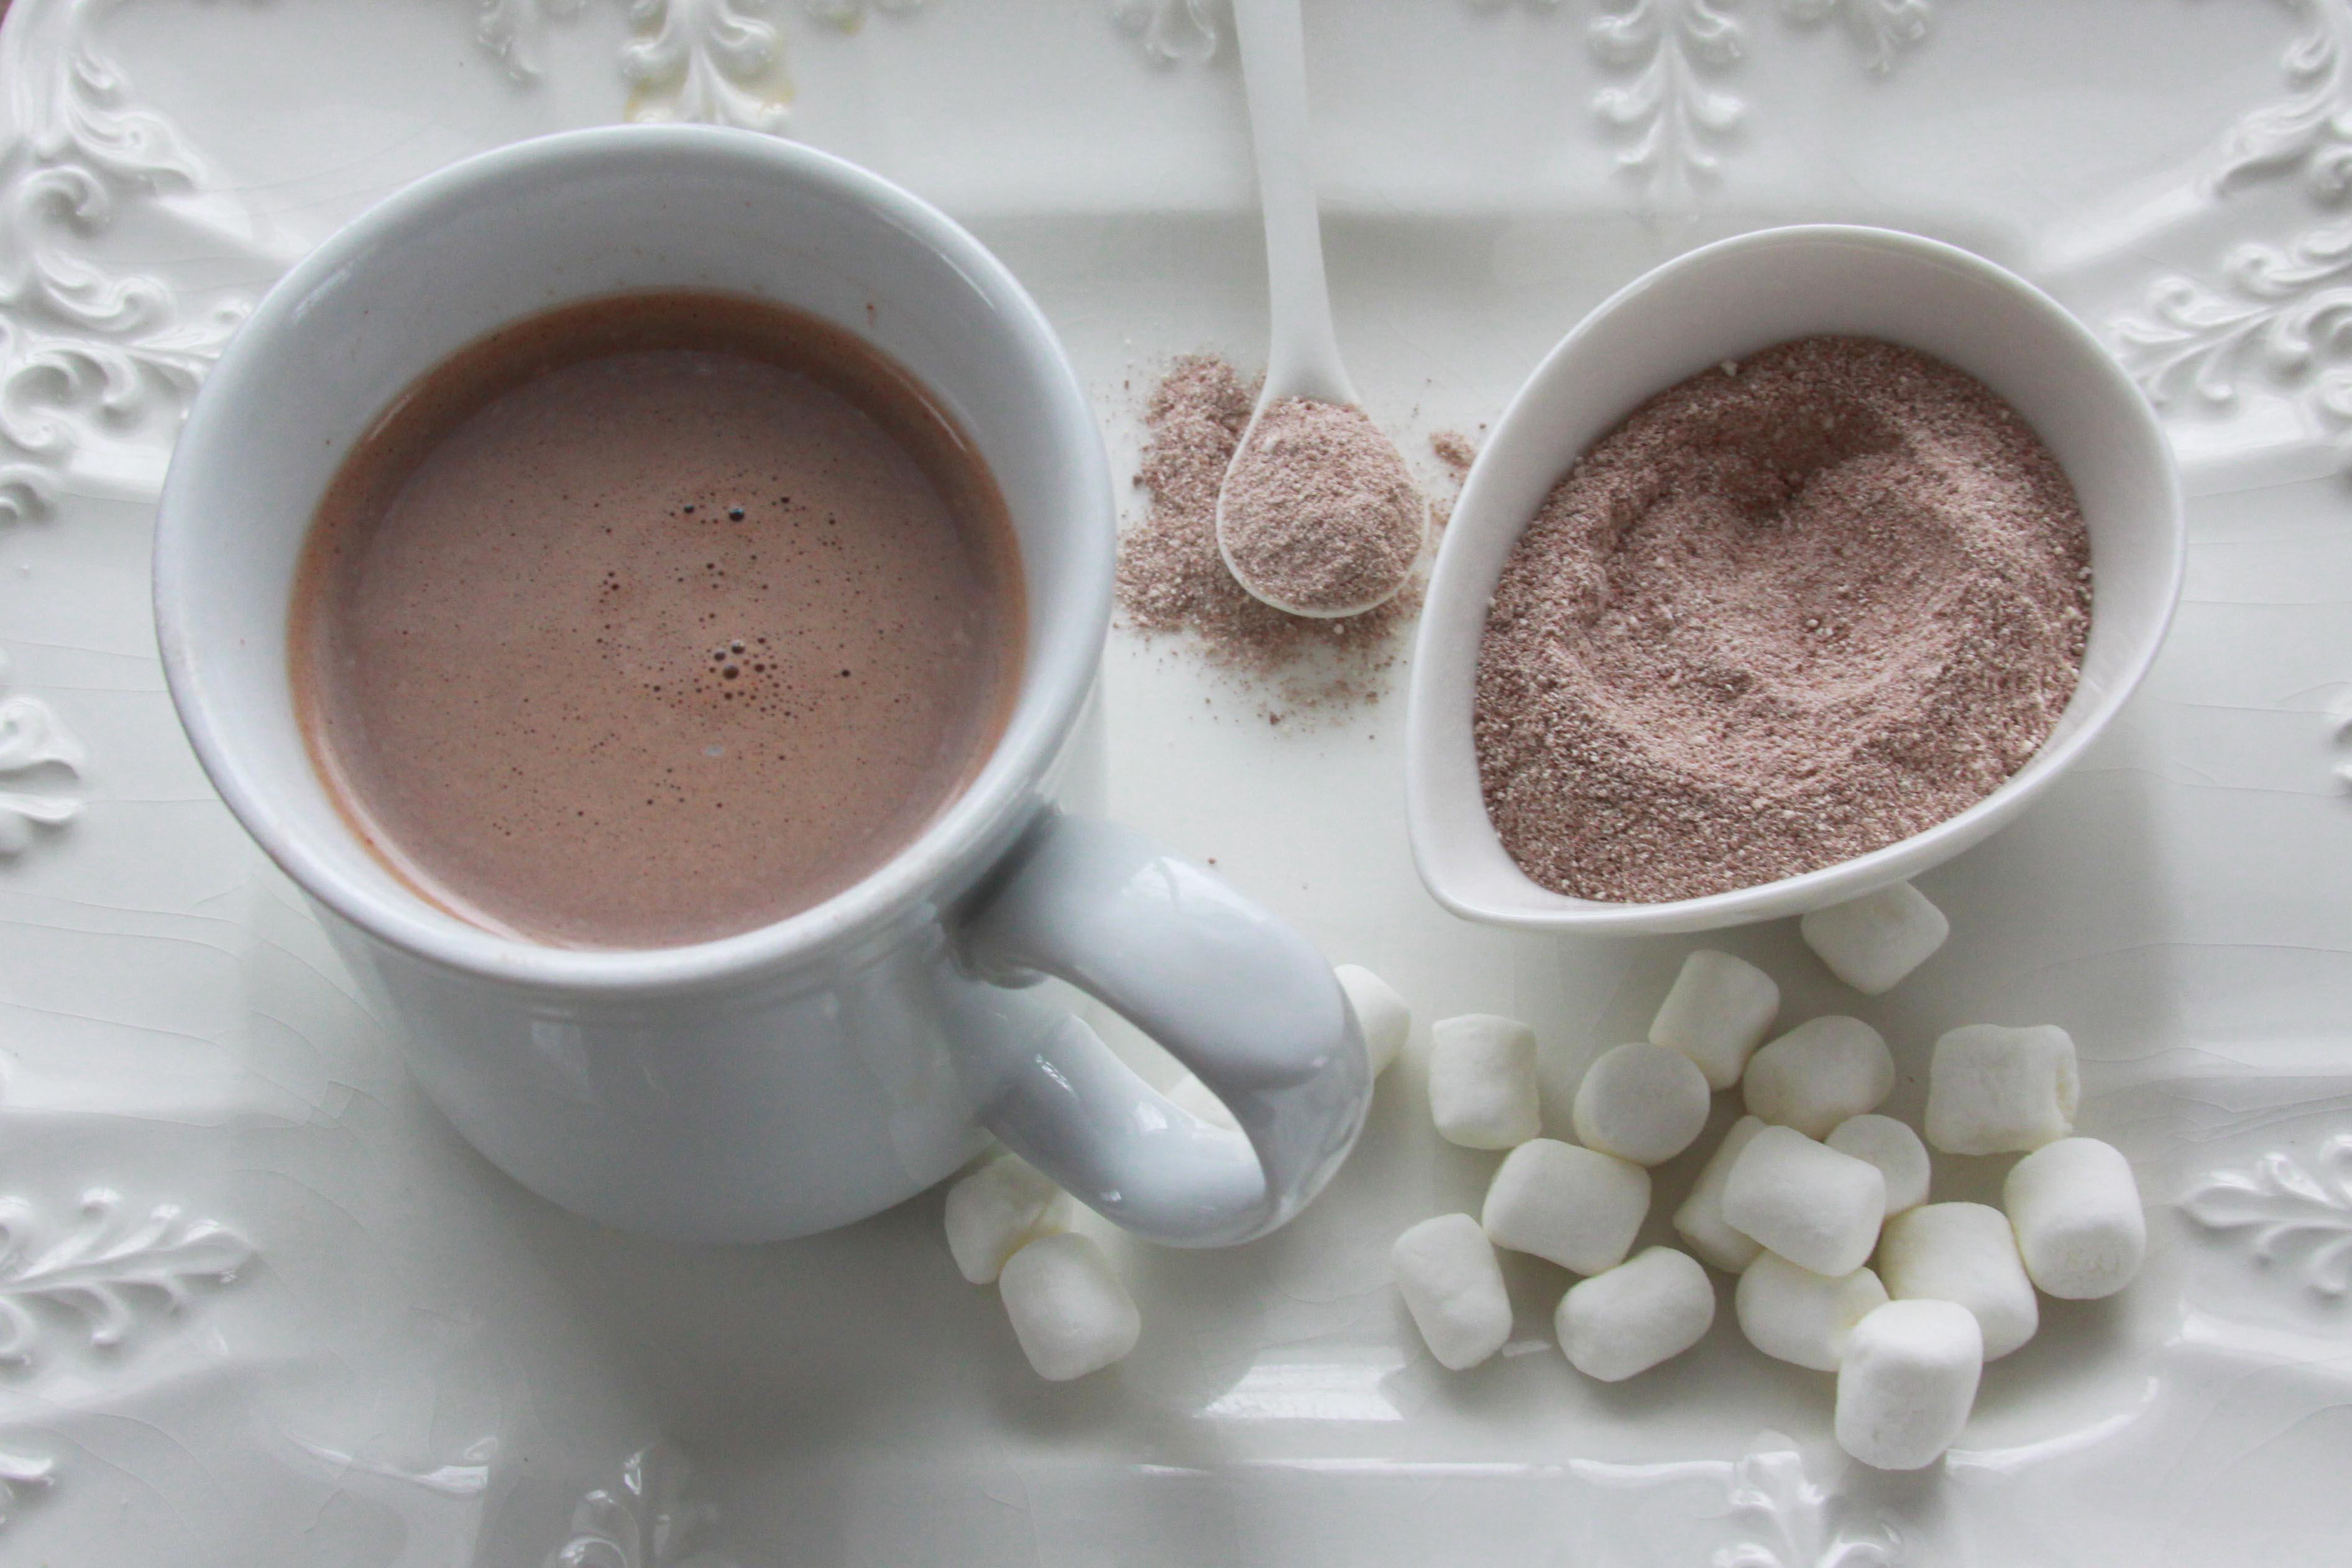 The Best Homemade Hot Cocoa Mix - Espresso and CreamEspresso and Cream